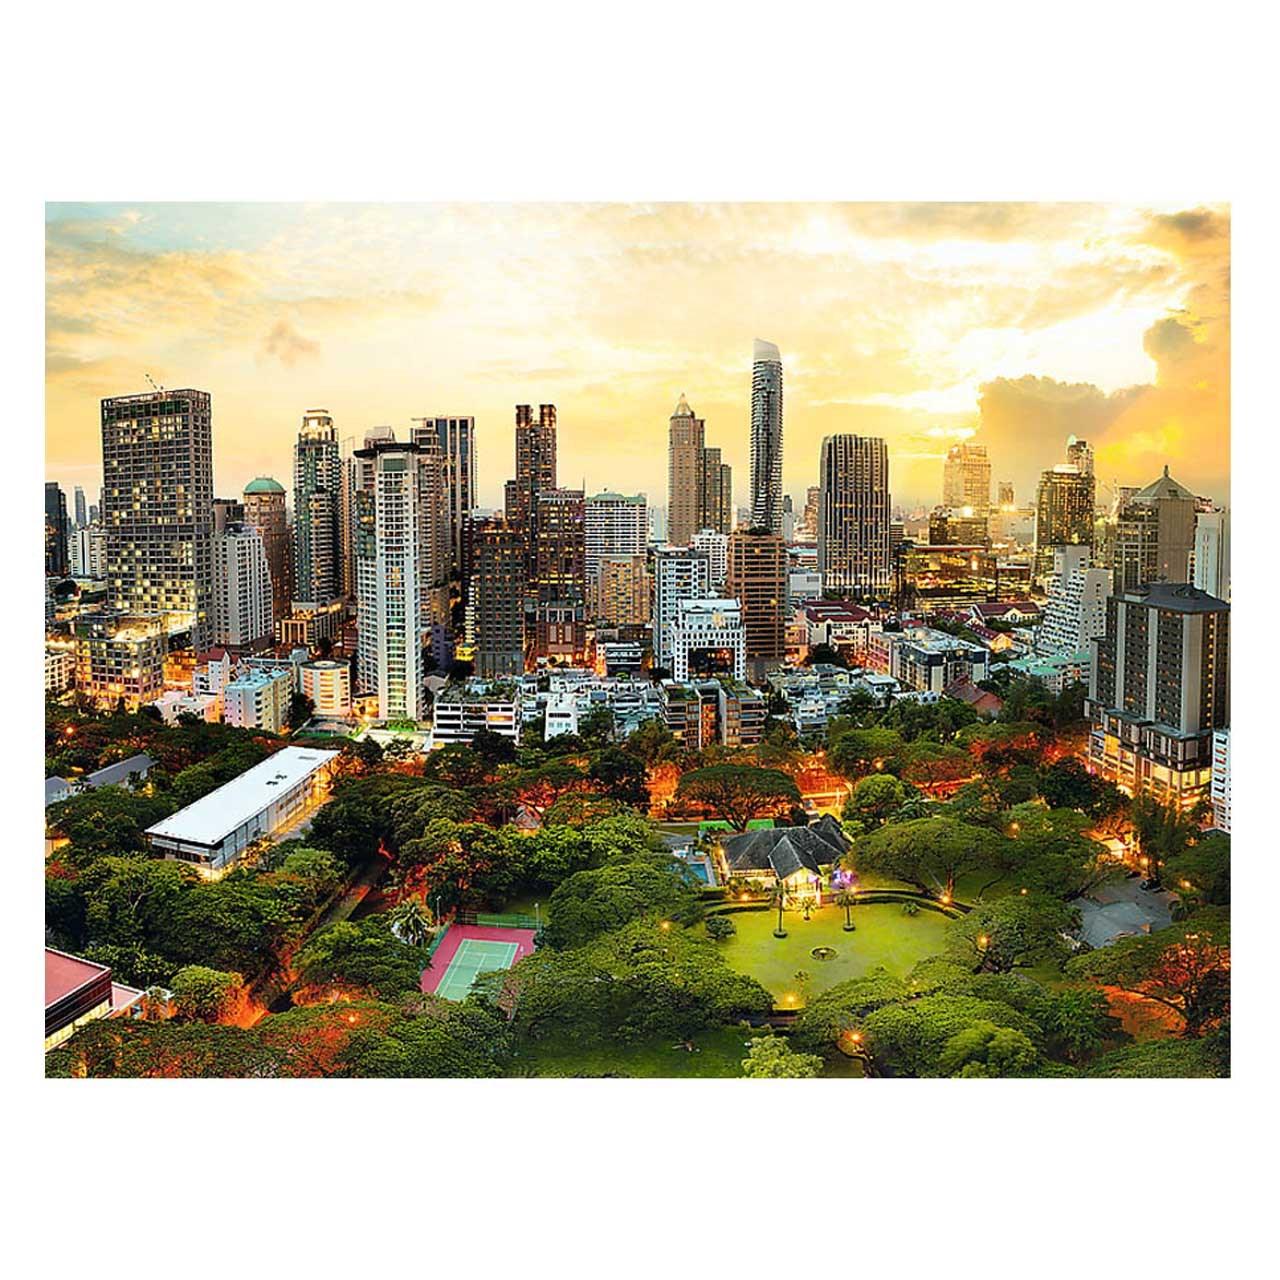 پازل 3000 تکه غروب خورشید در بانکوک -Trefl.  برابر کیفیت ادوکا، ravensburger, Educa